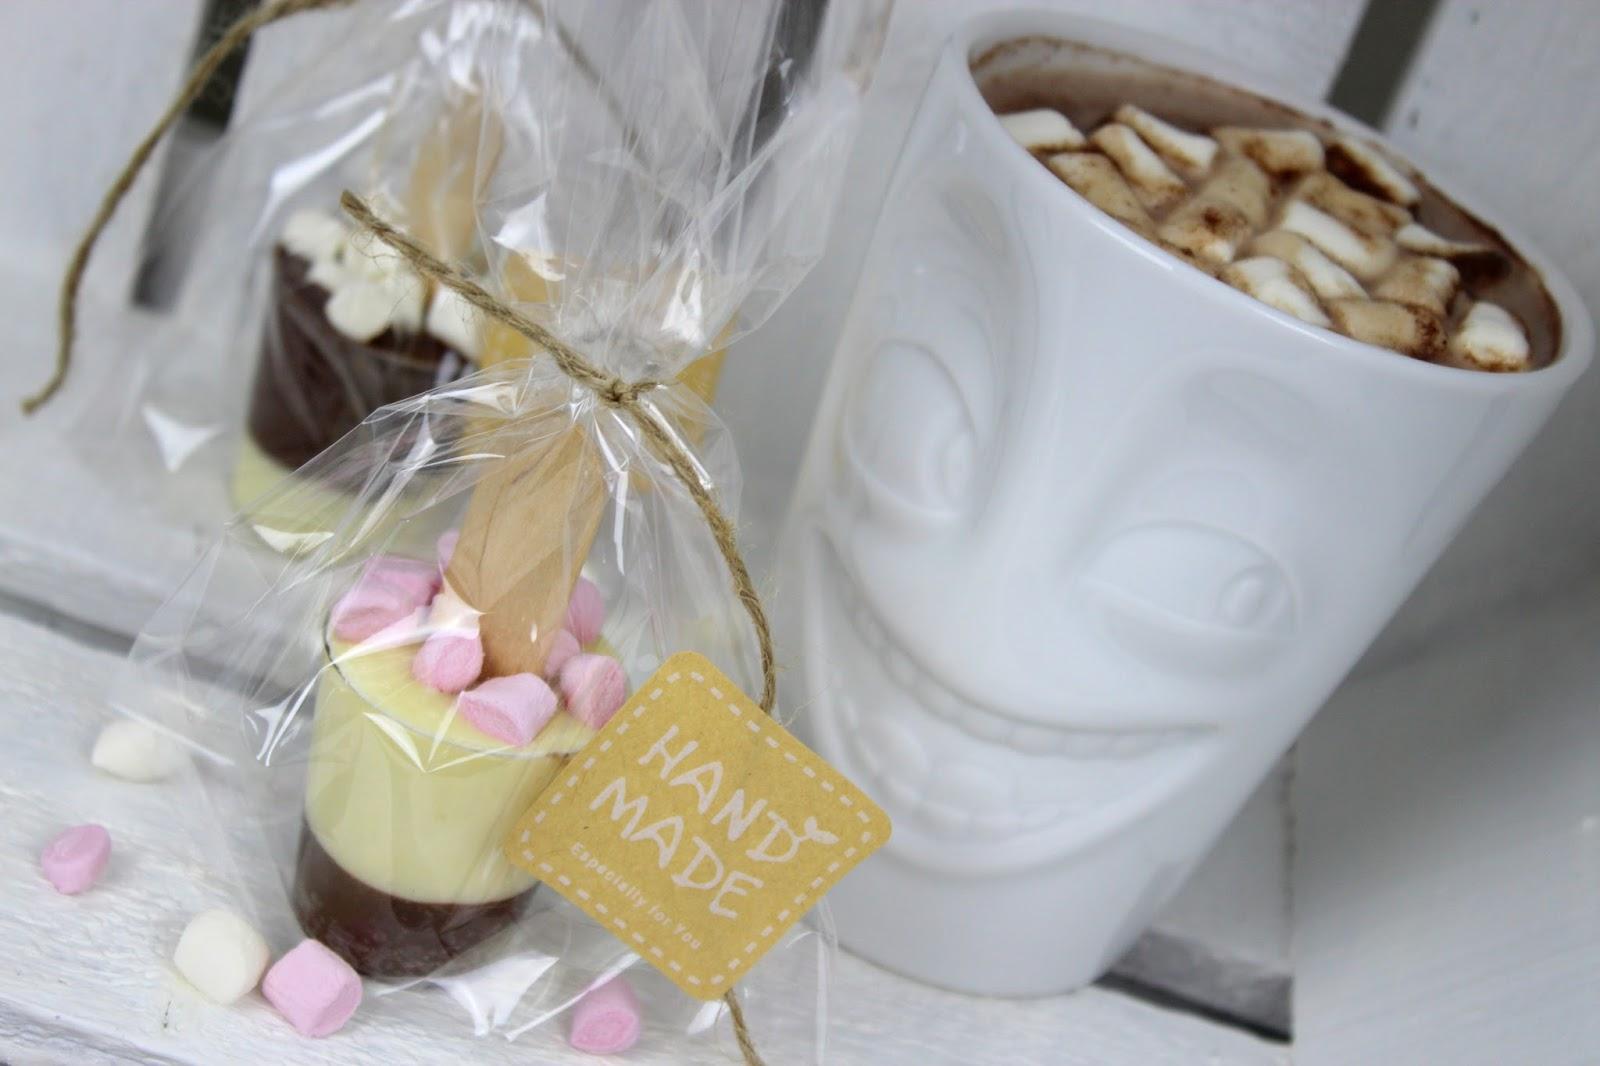 DIY Trinkschokolade am Stiel ganz einfach selber machen + Anleitung und Rezept